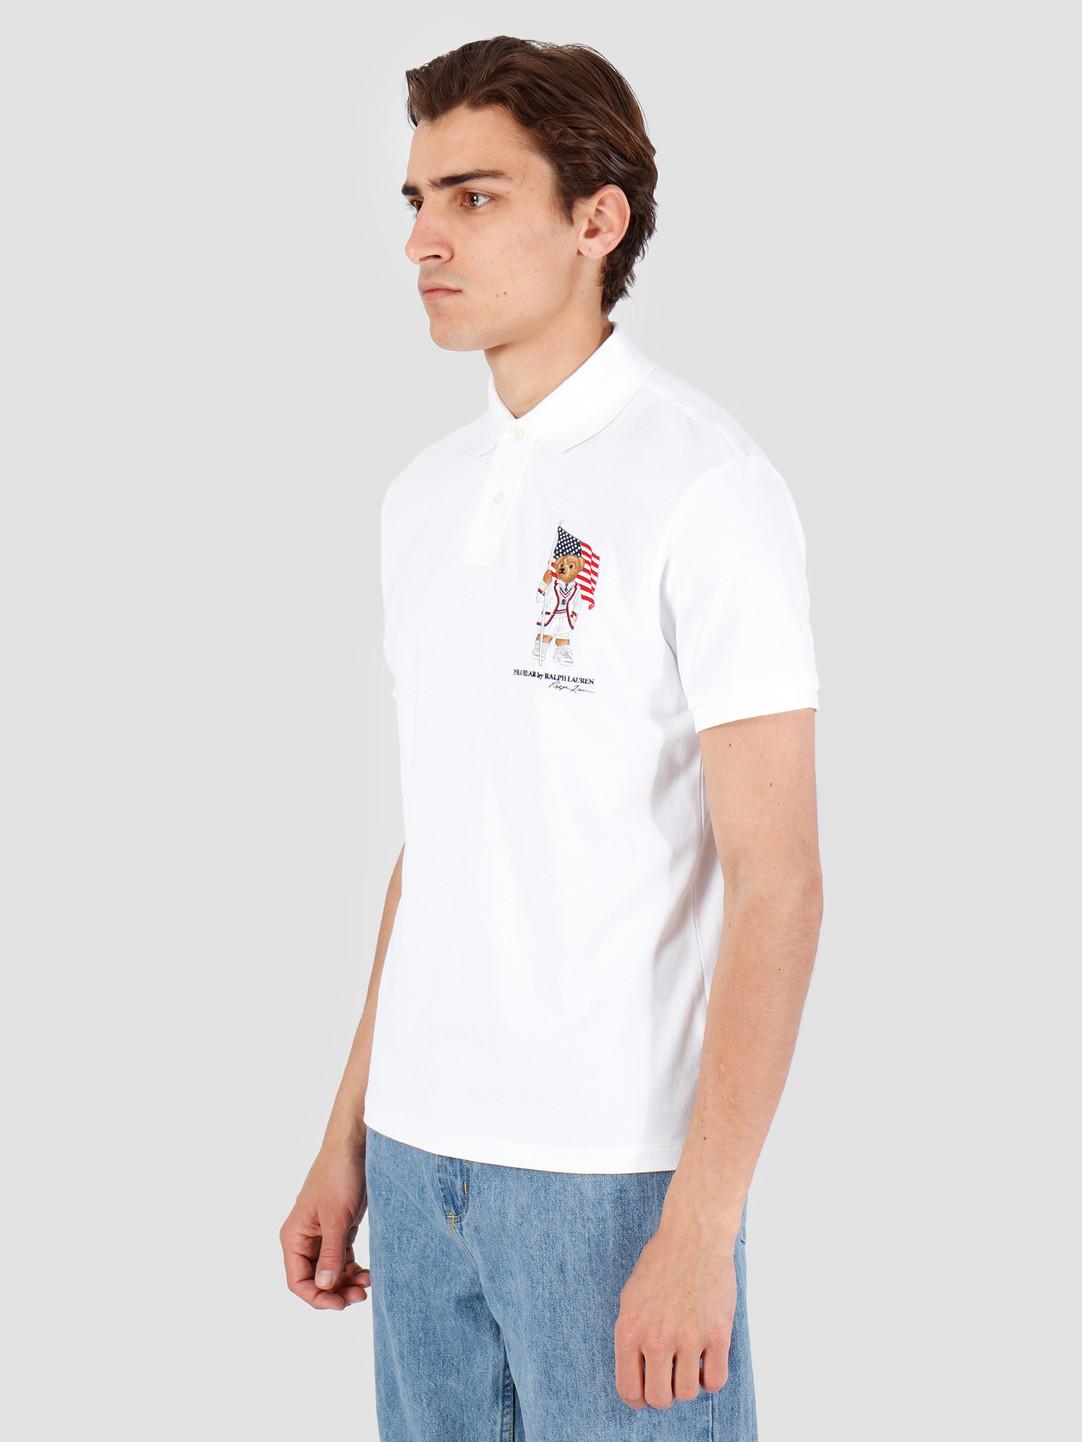 Polo Ralph Lauren Polo Ralph Lauren Basic Mesh Shortsleeve White 710755846001